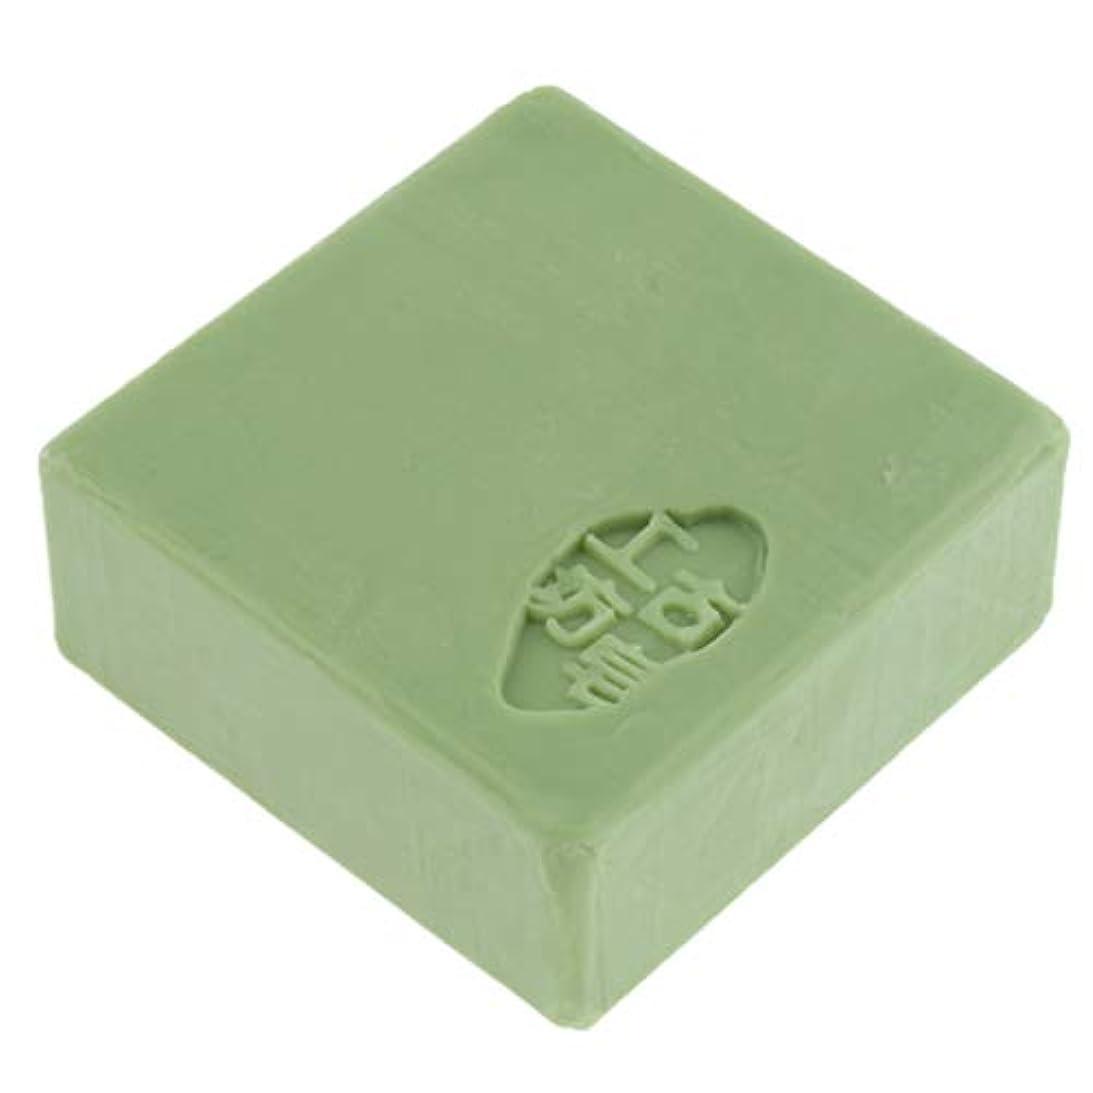 時刻表アーク申し込む全3色 バス スキンケア フェイス ボディソープ 石鹸 保湿 肌守り - 緑